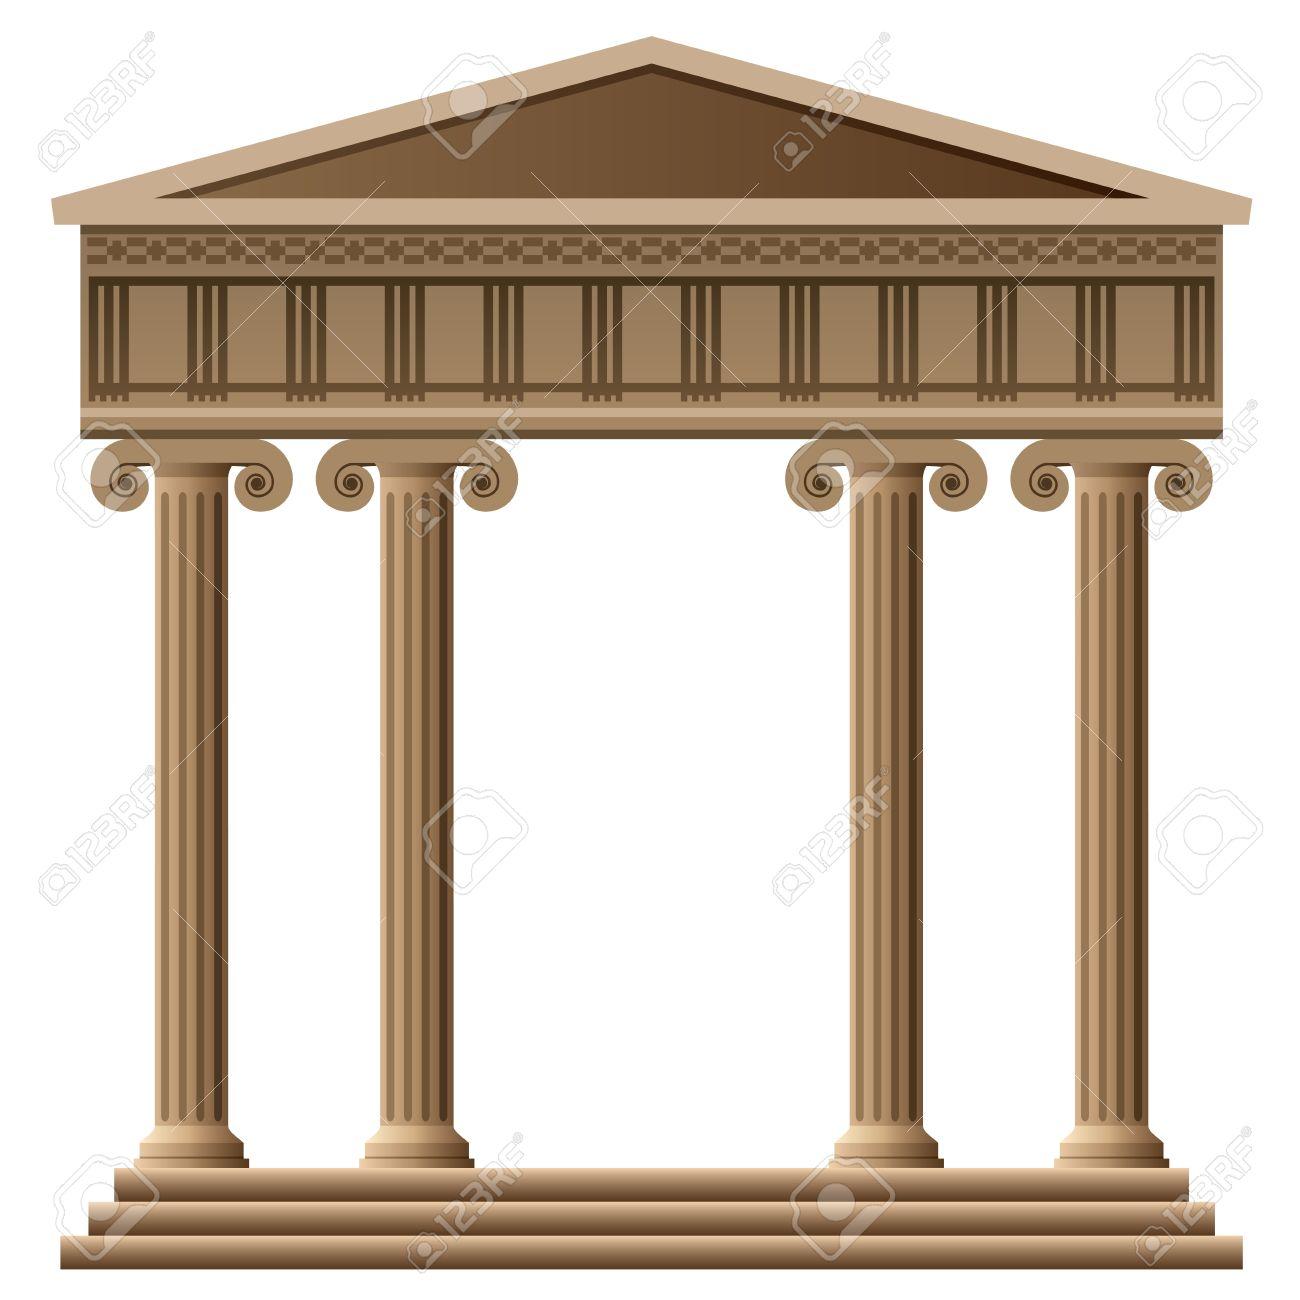 Gold Column Vector With Columns Vector